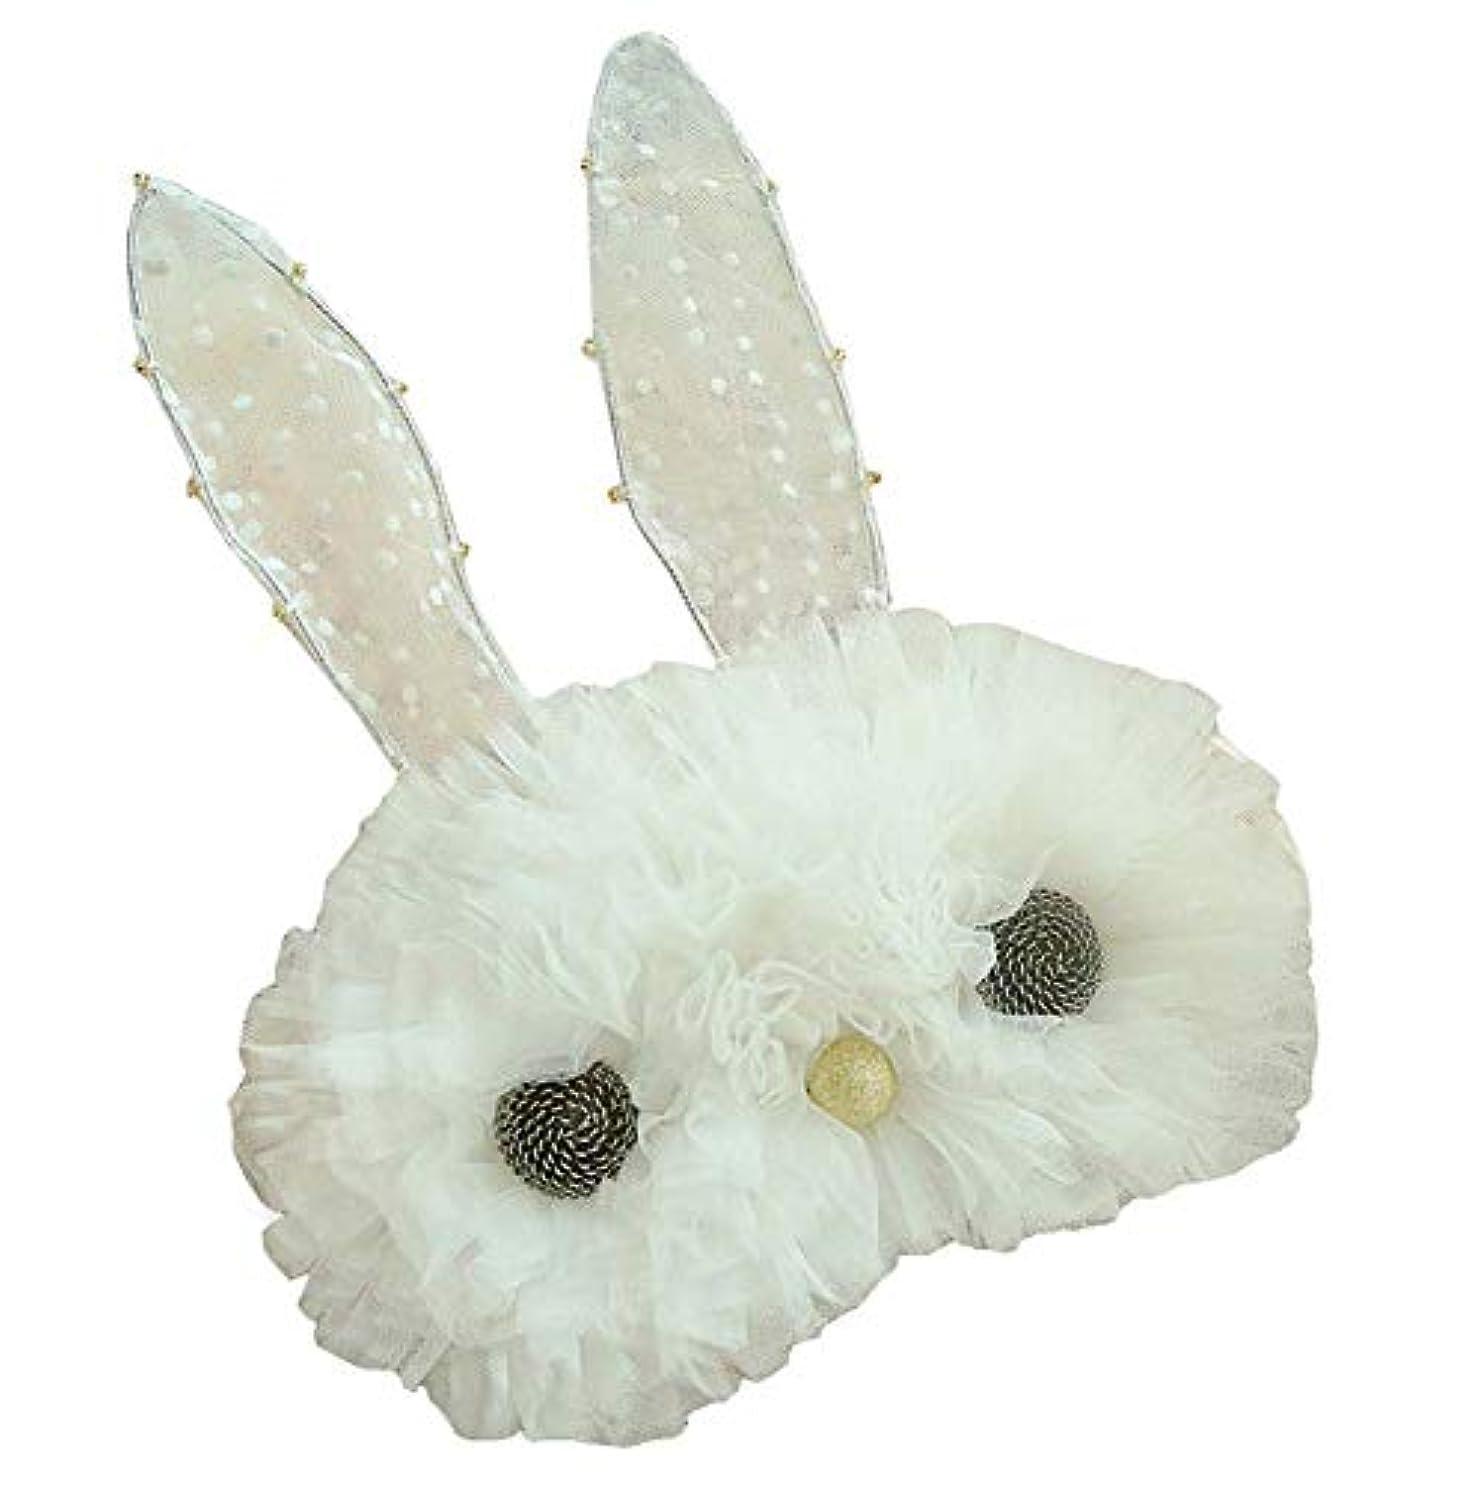 チューブつぼみアラブ白くかわいいウサギの睡眠の目マスクの柔らかい目隠しの睡眠のマスクの家の睡眠旅行のための目カバー